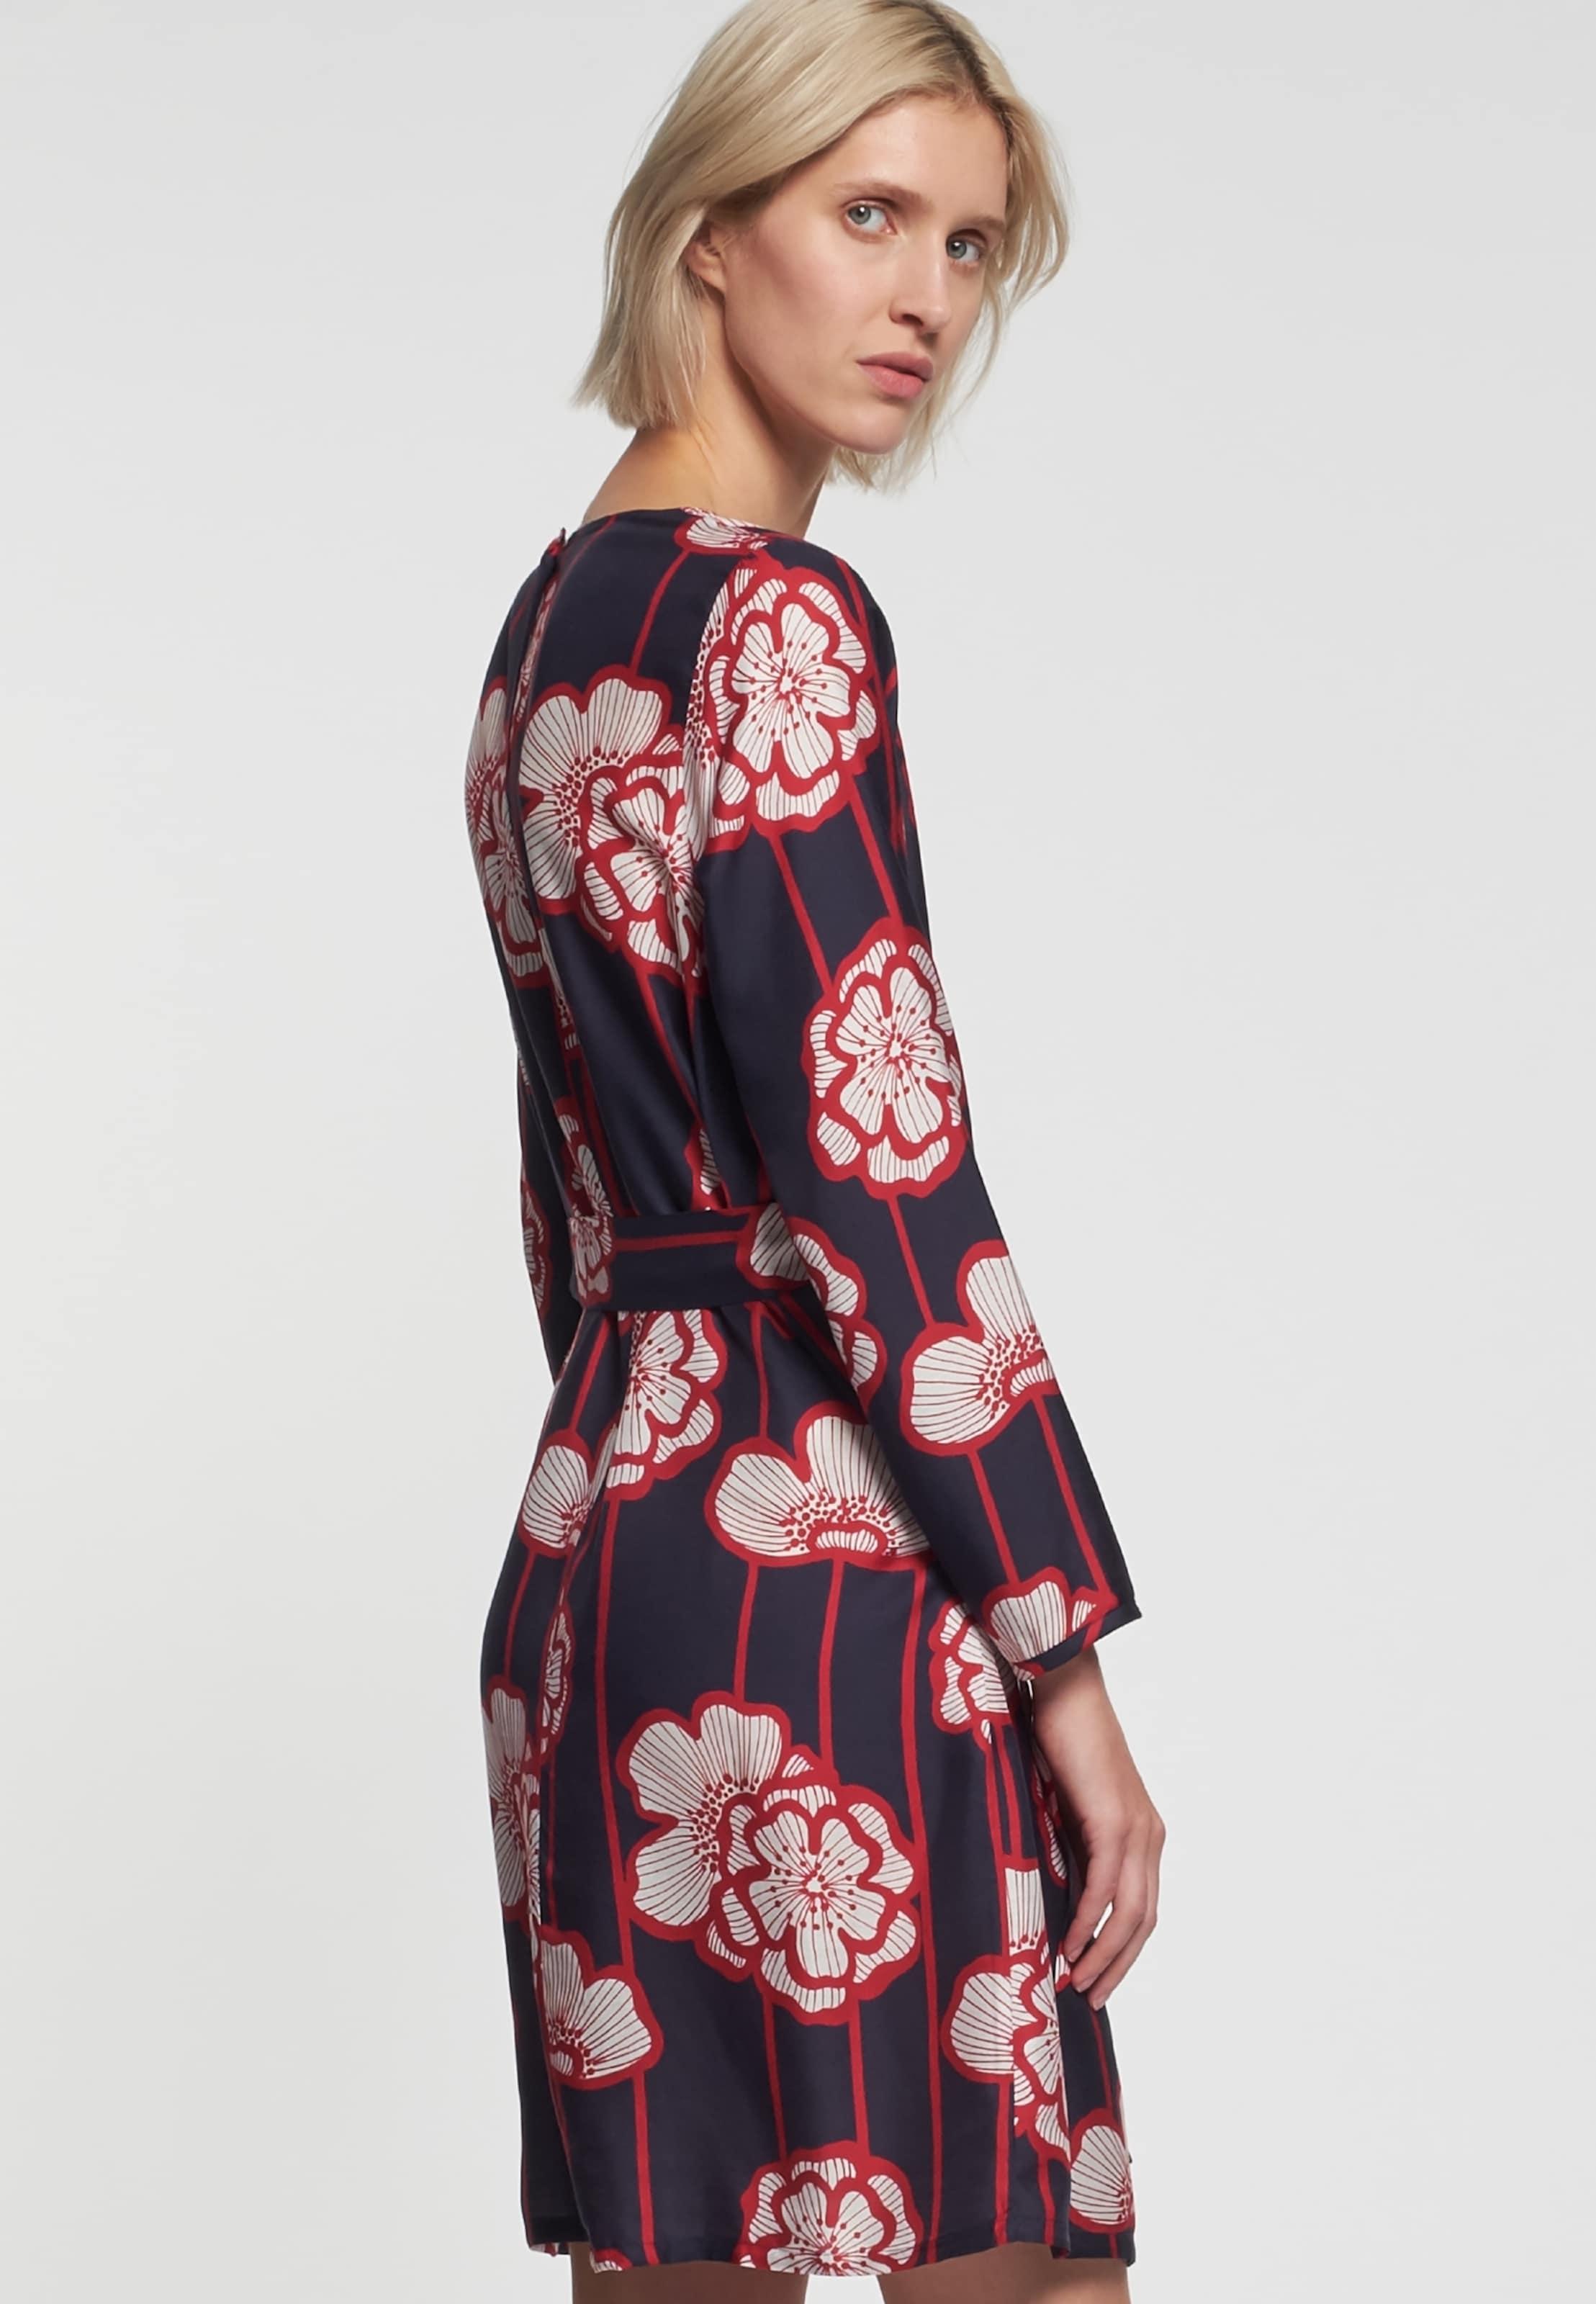 In BlauHellrot 'schwarze Kleid Seidensticker Rose' JcK3T1Ful5